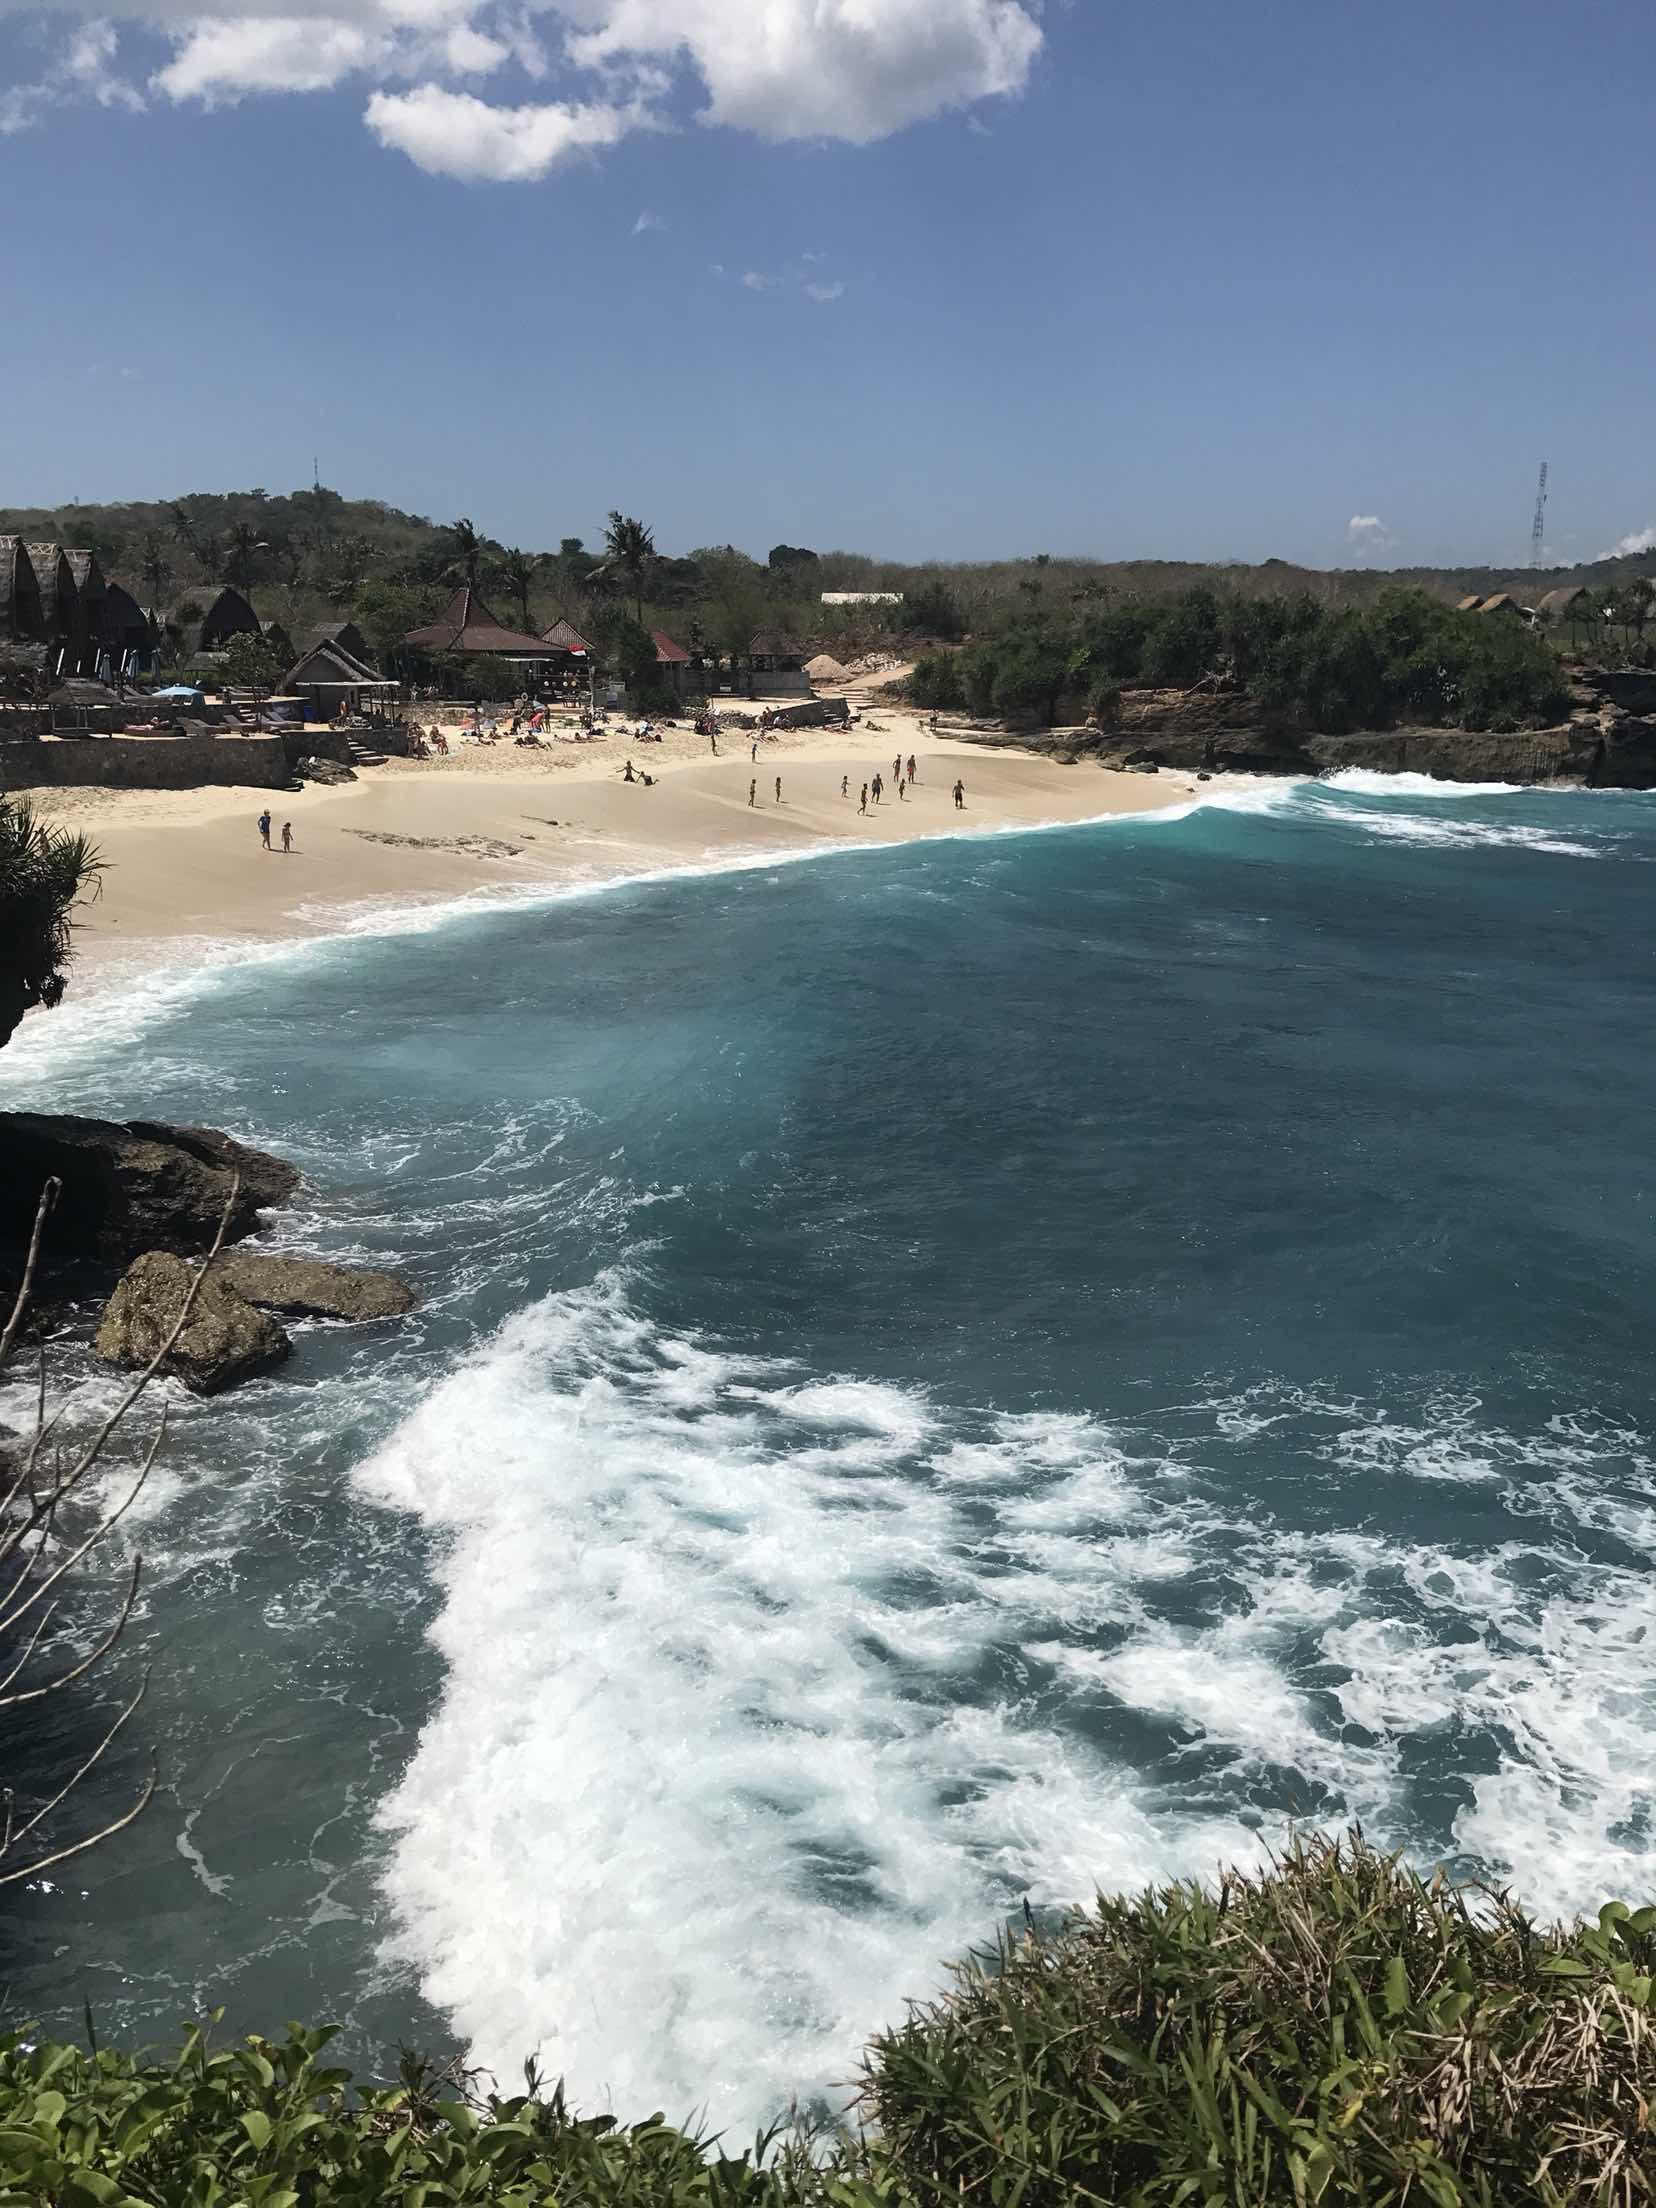 香蕉船,沙发船,浮潜,海上滑梯)  杨妞儿 上传于2017-08-26   蓝梦岛